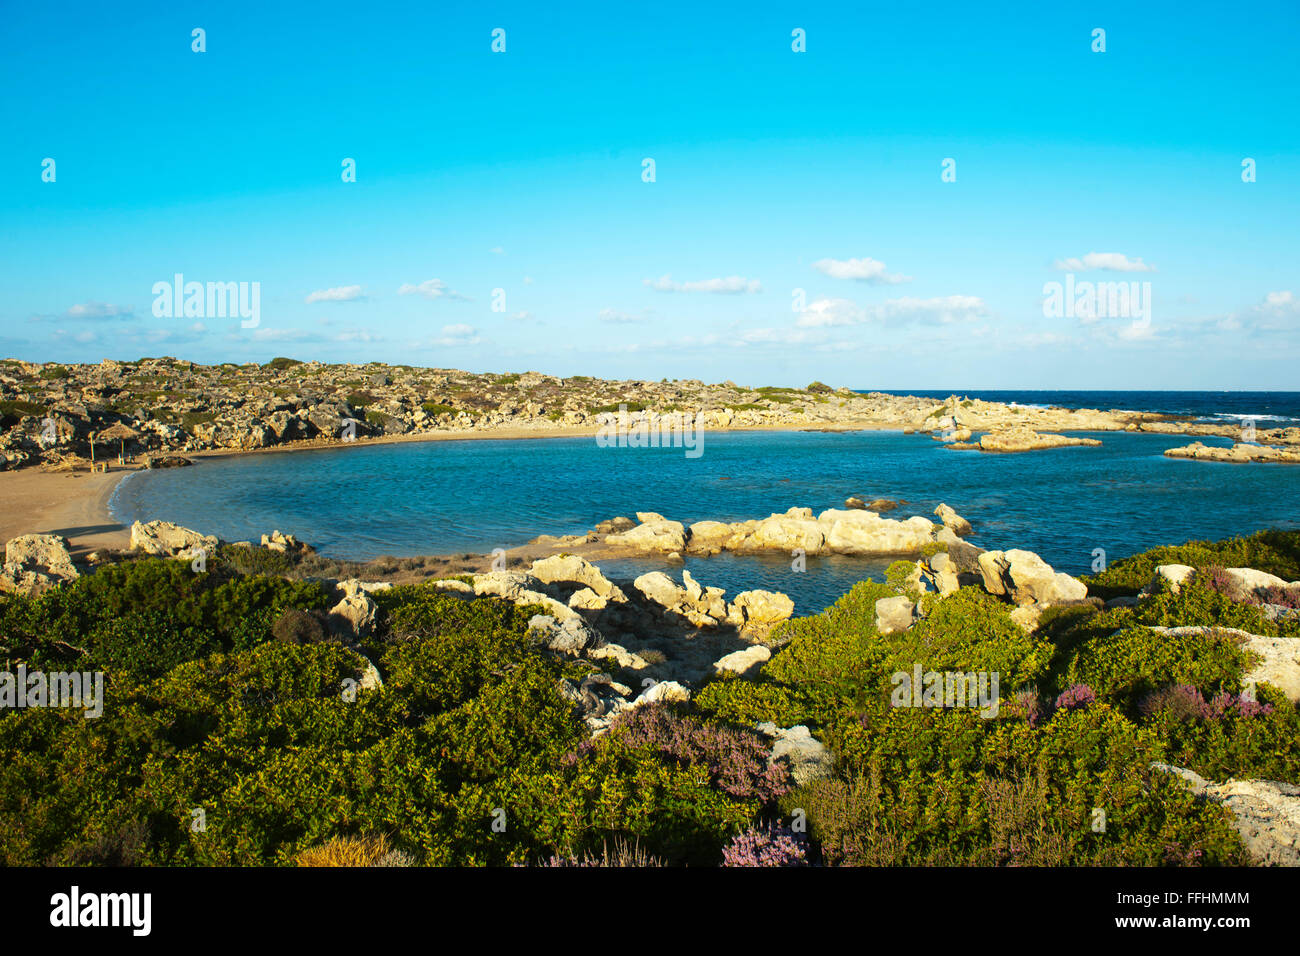 Griechenland, Kreta, Westküste, Hrissoskalitissa Nördlich von Elafonissi, Aspro Limni Stockbild